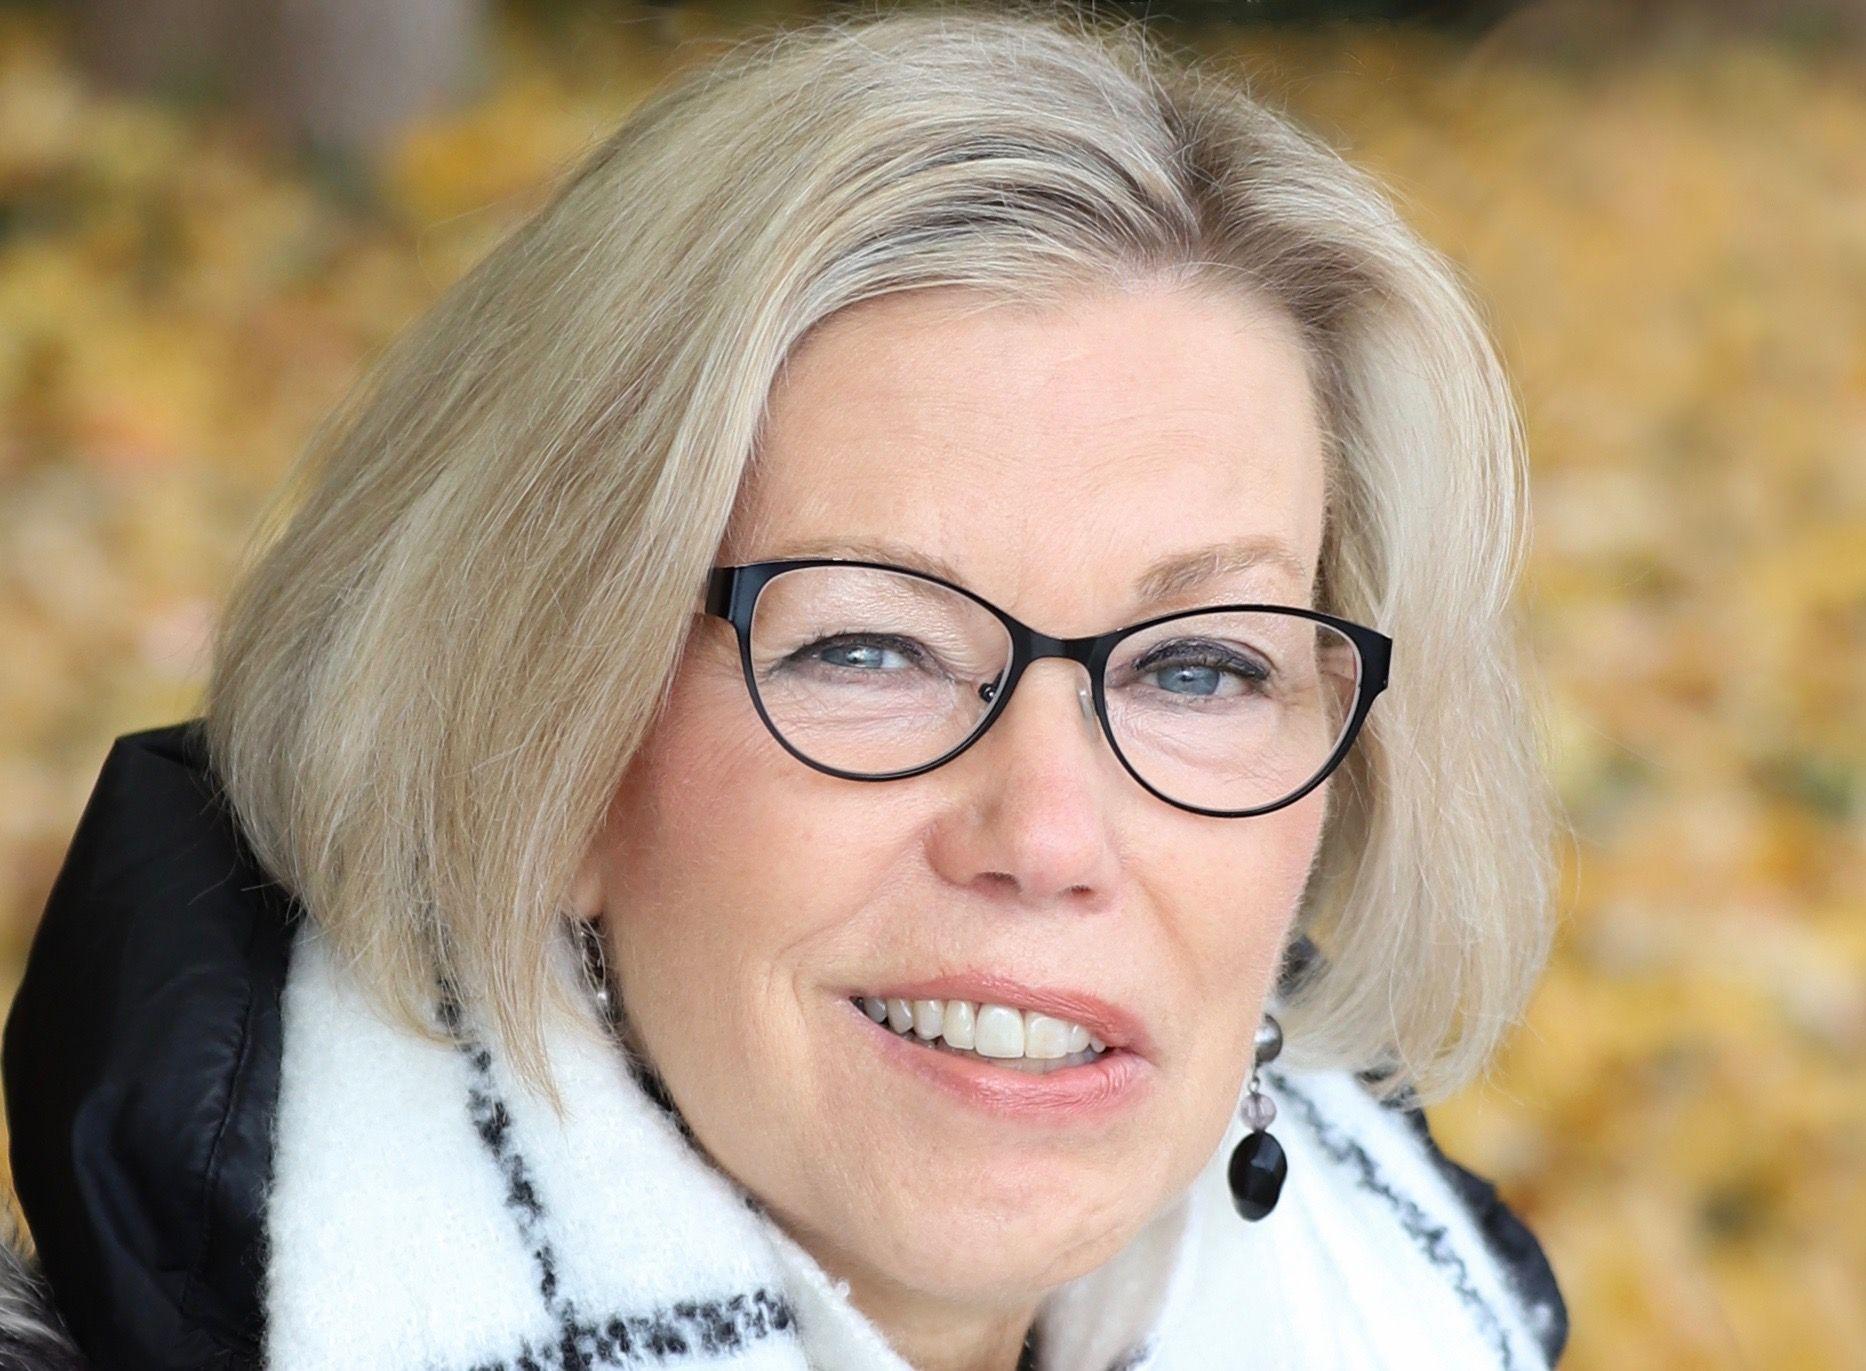 Author Terri Sullivant